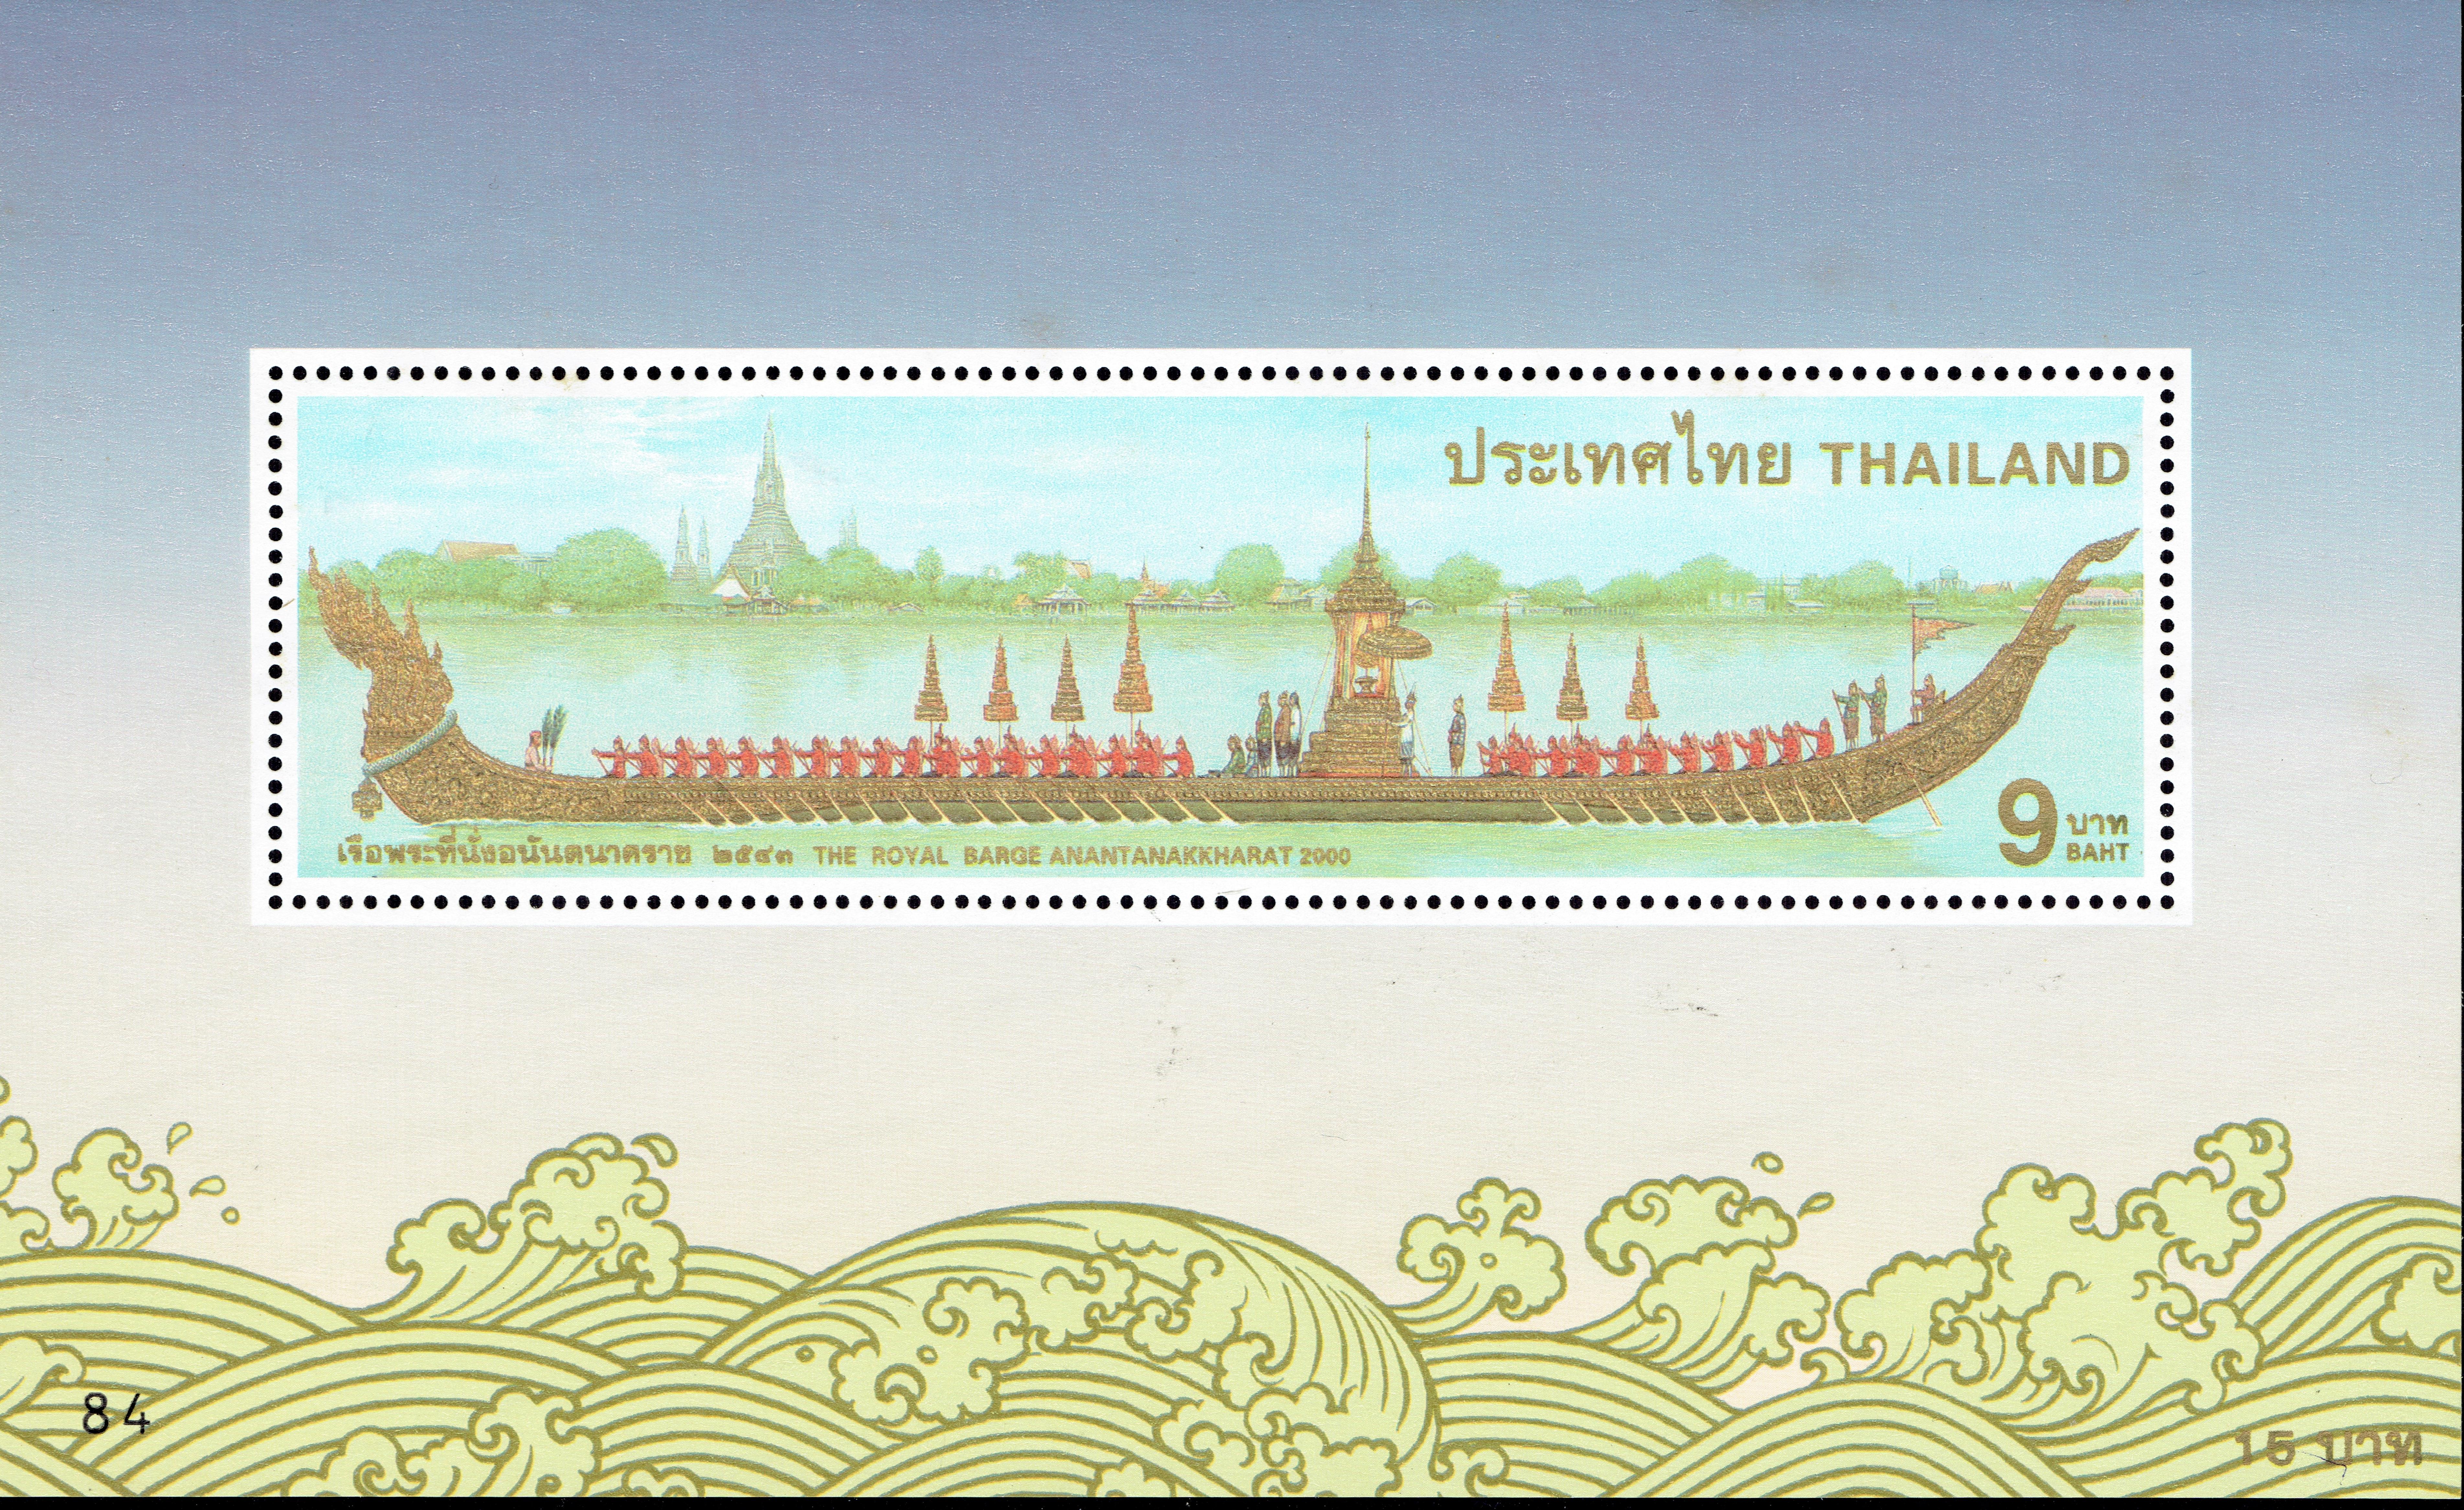 Thailand - Scott #1950a (2000) souvenir sheet